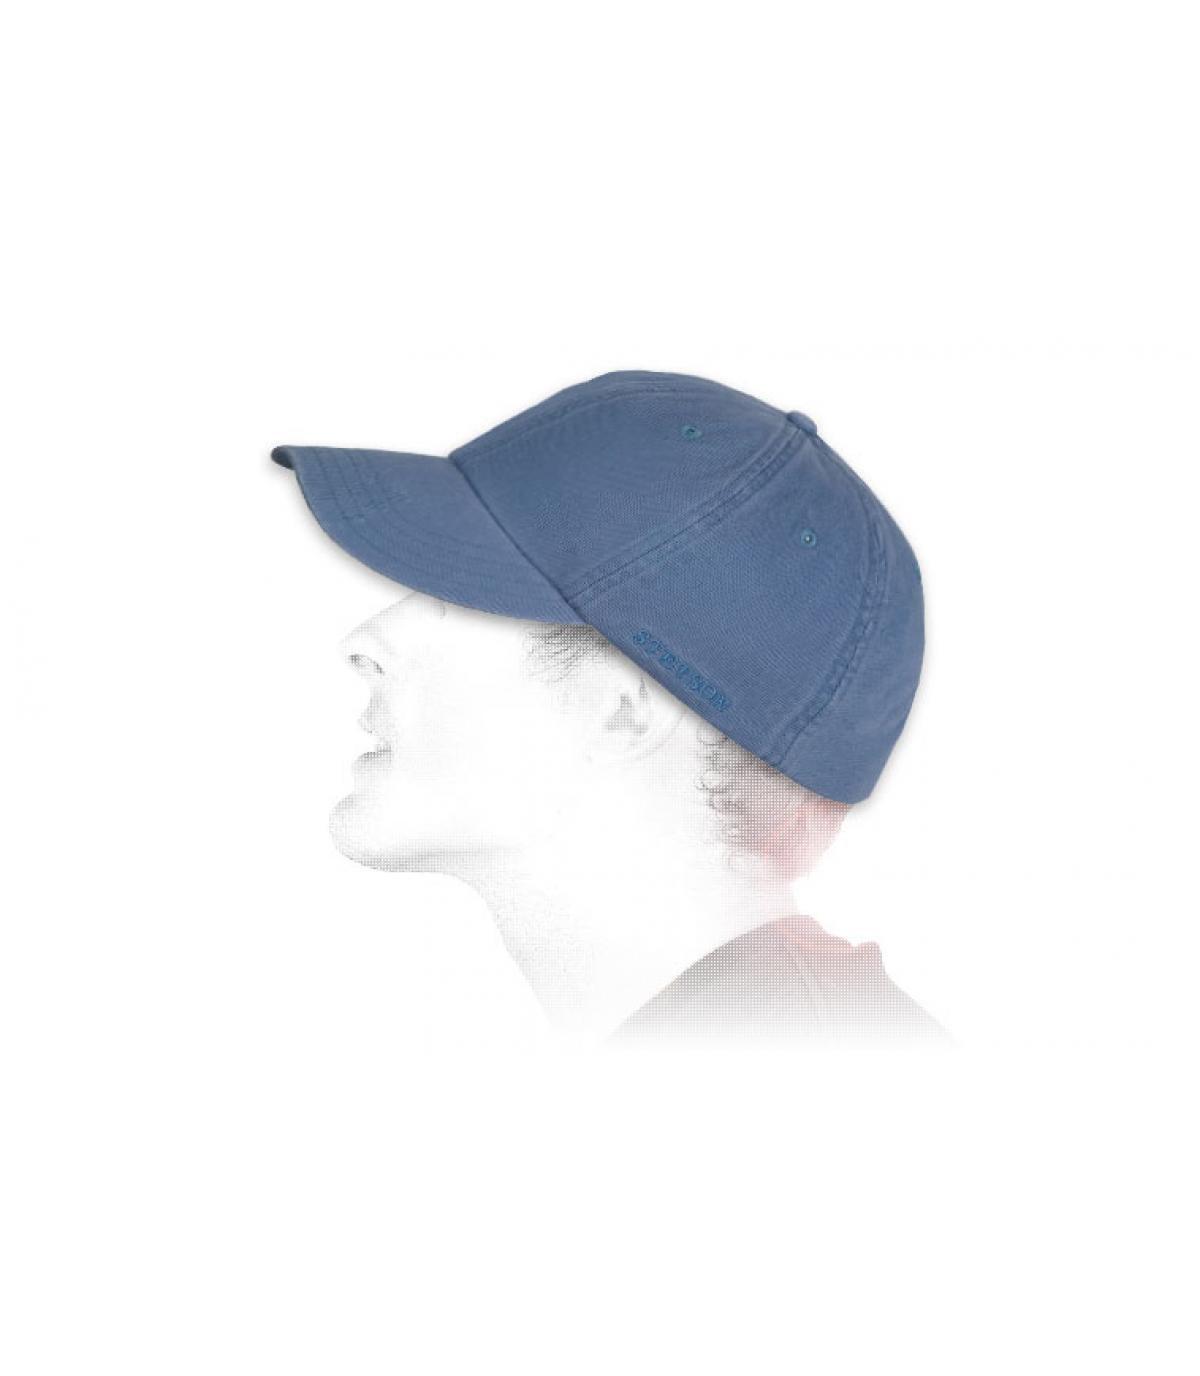 Détails Casquette Rector bleu - image 3